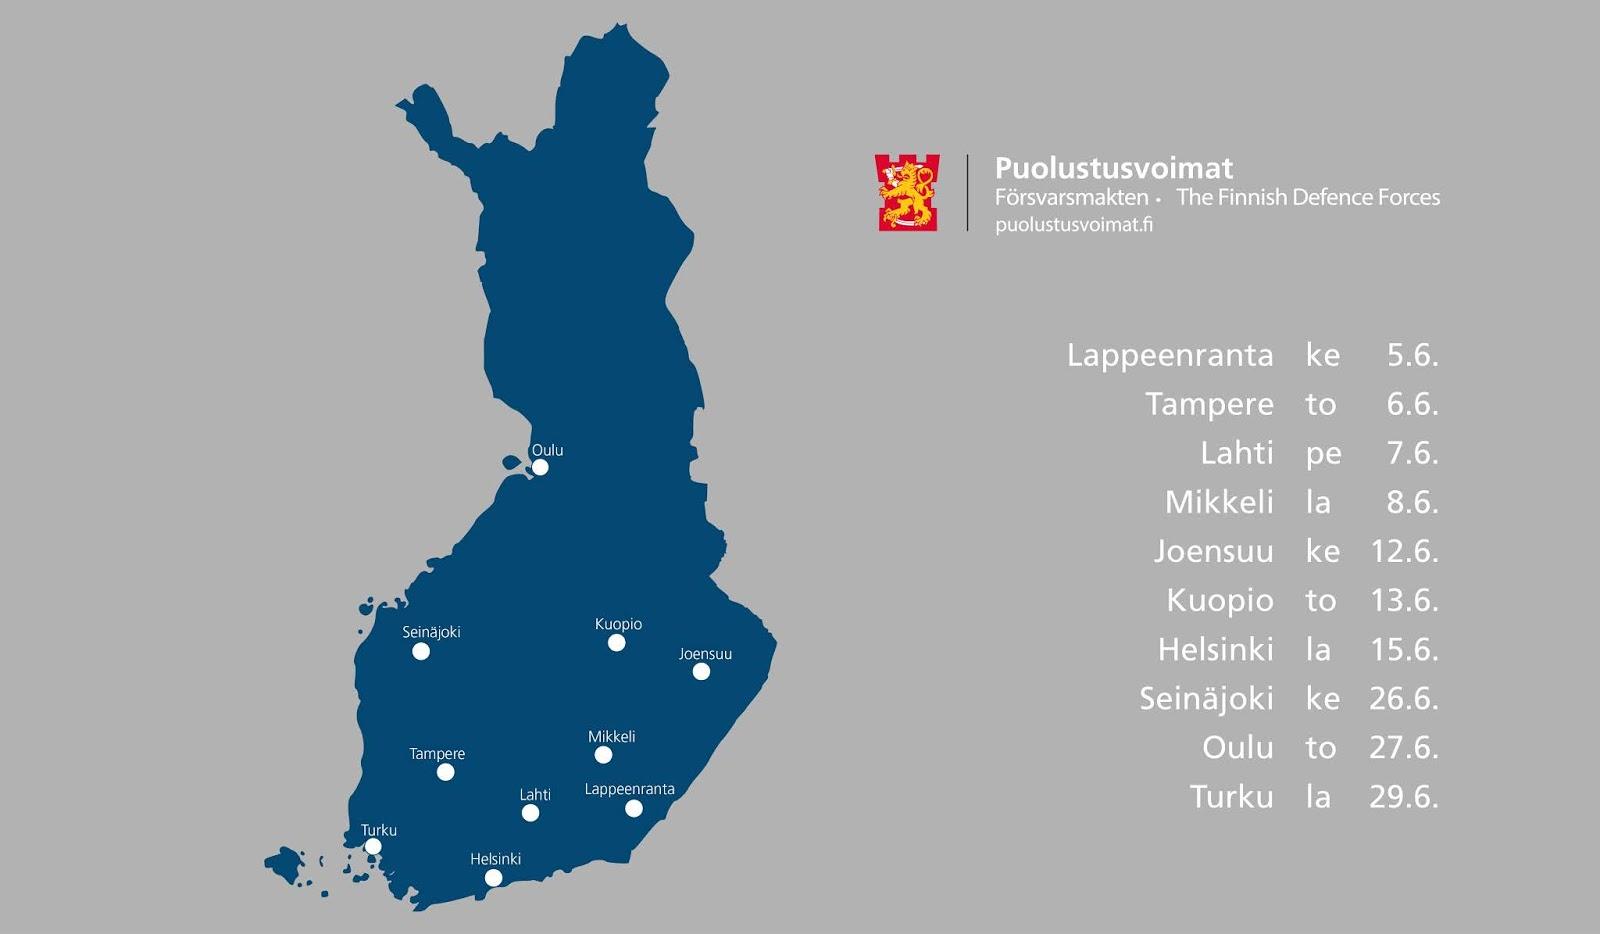 Puolustusvoimien kesäkiertue  Lappeenranta Tampere Lahti Mikkeli Joensuu Kuopio Helsinki Seinäjoki Oulu Turku